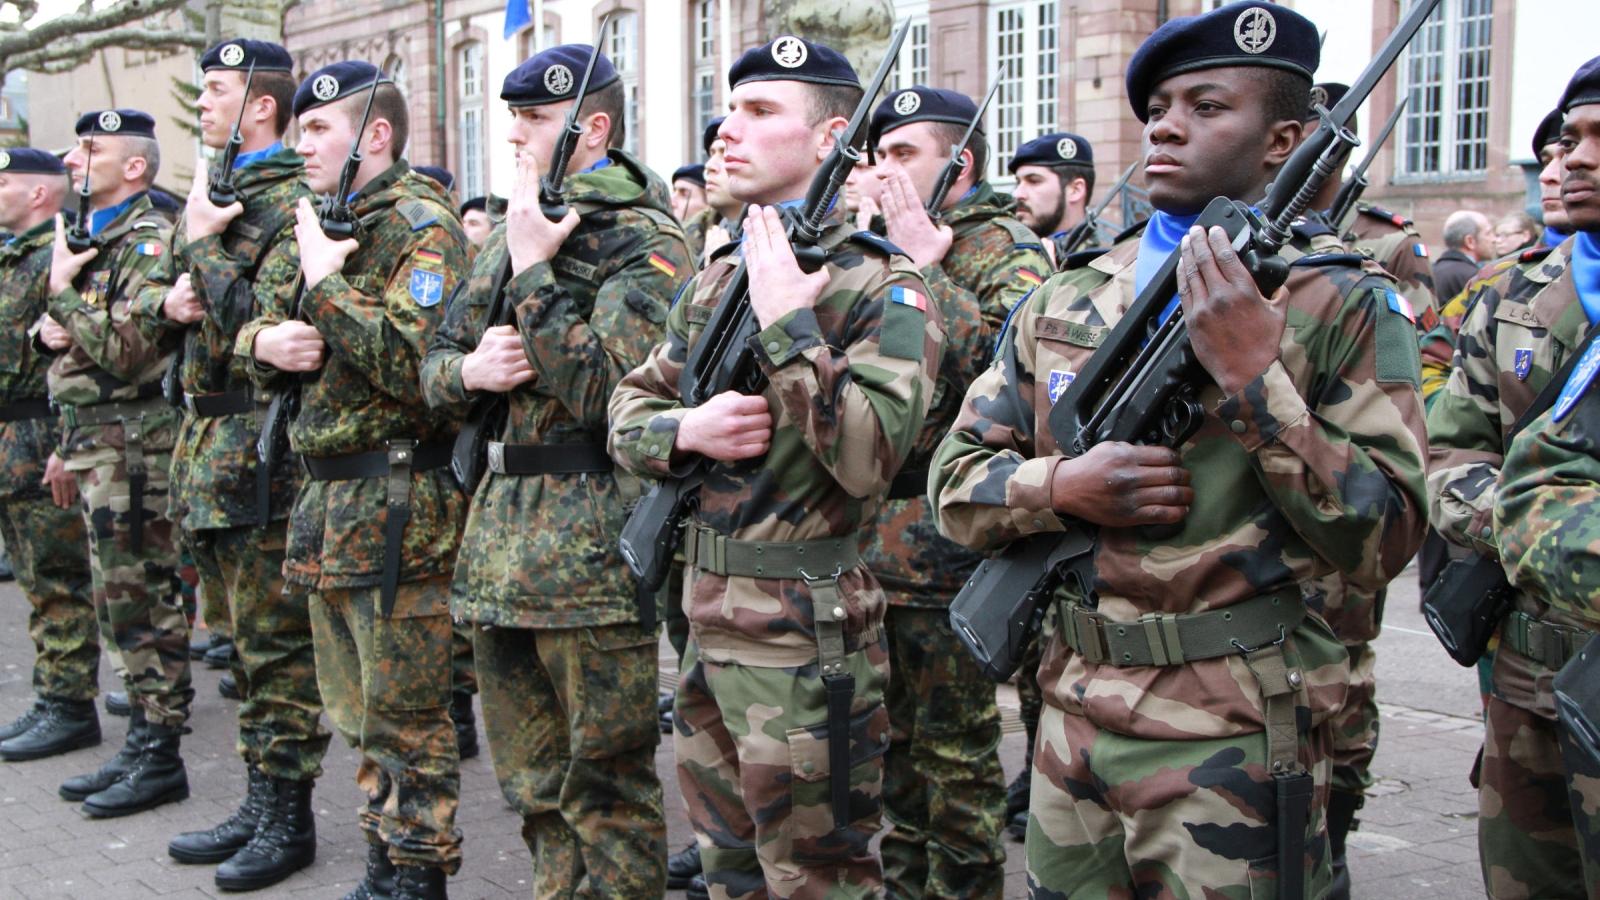 Eurokorpset er brukt av EU og NATO i Afghanistan og andre steder. Men korpset er ennå langt ifra å være en egentlig EU-hær. Bildet er fra 2013. Foto: Claude Truong-Ngoc,